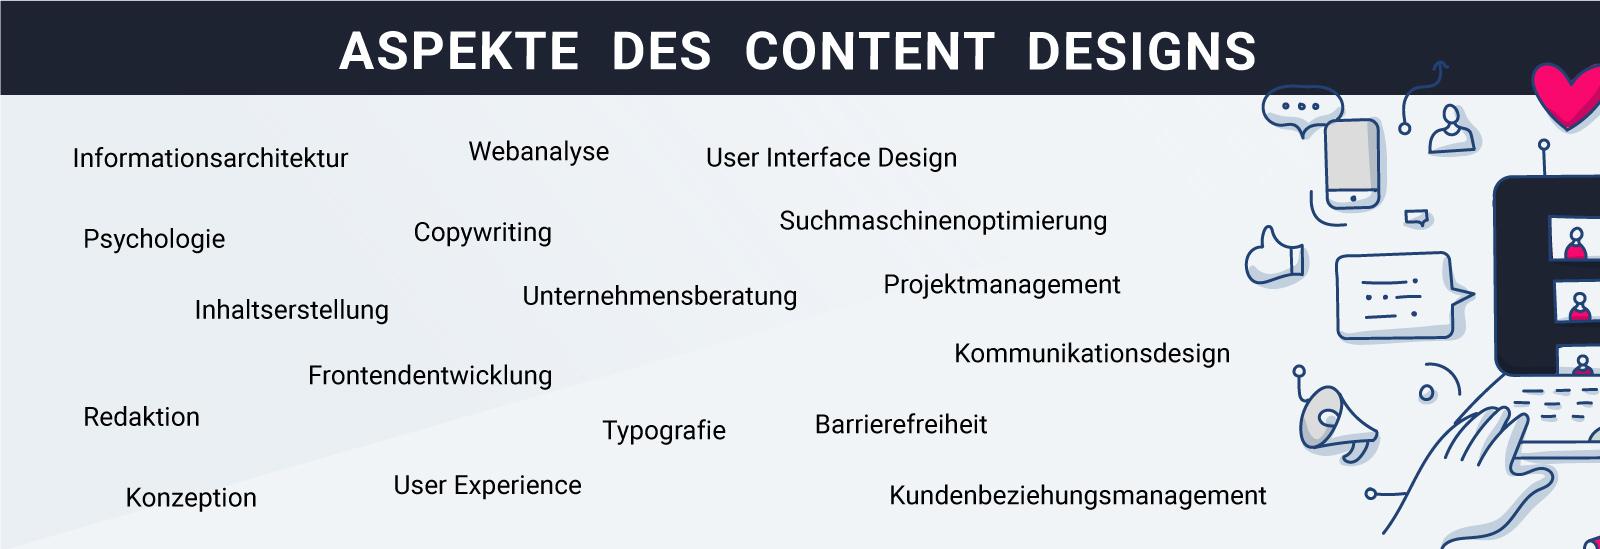 Aspekte des Content Designs